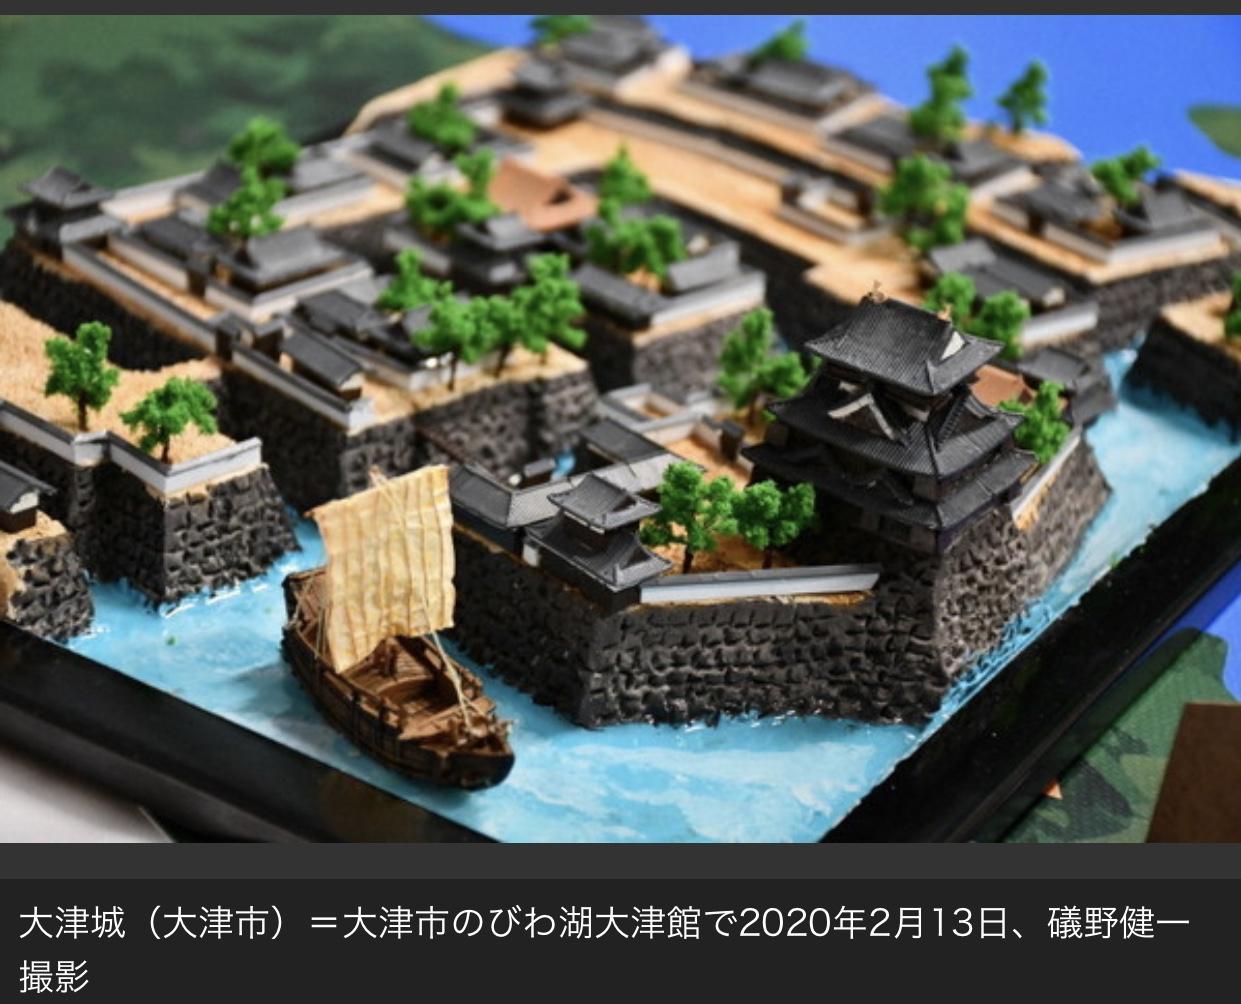 2020/2/14 毎日新聞 安土城、坂本城など近江の18城ジオラマで精緻に再現 びわ湖大津館